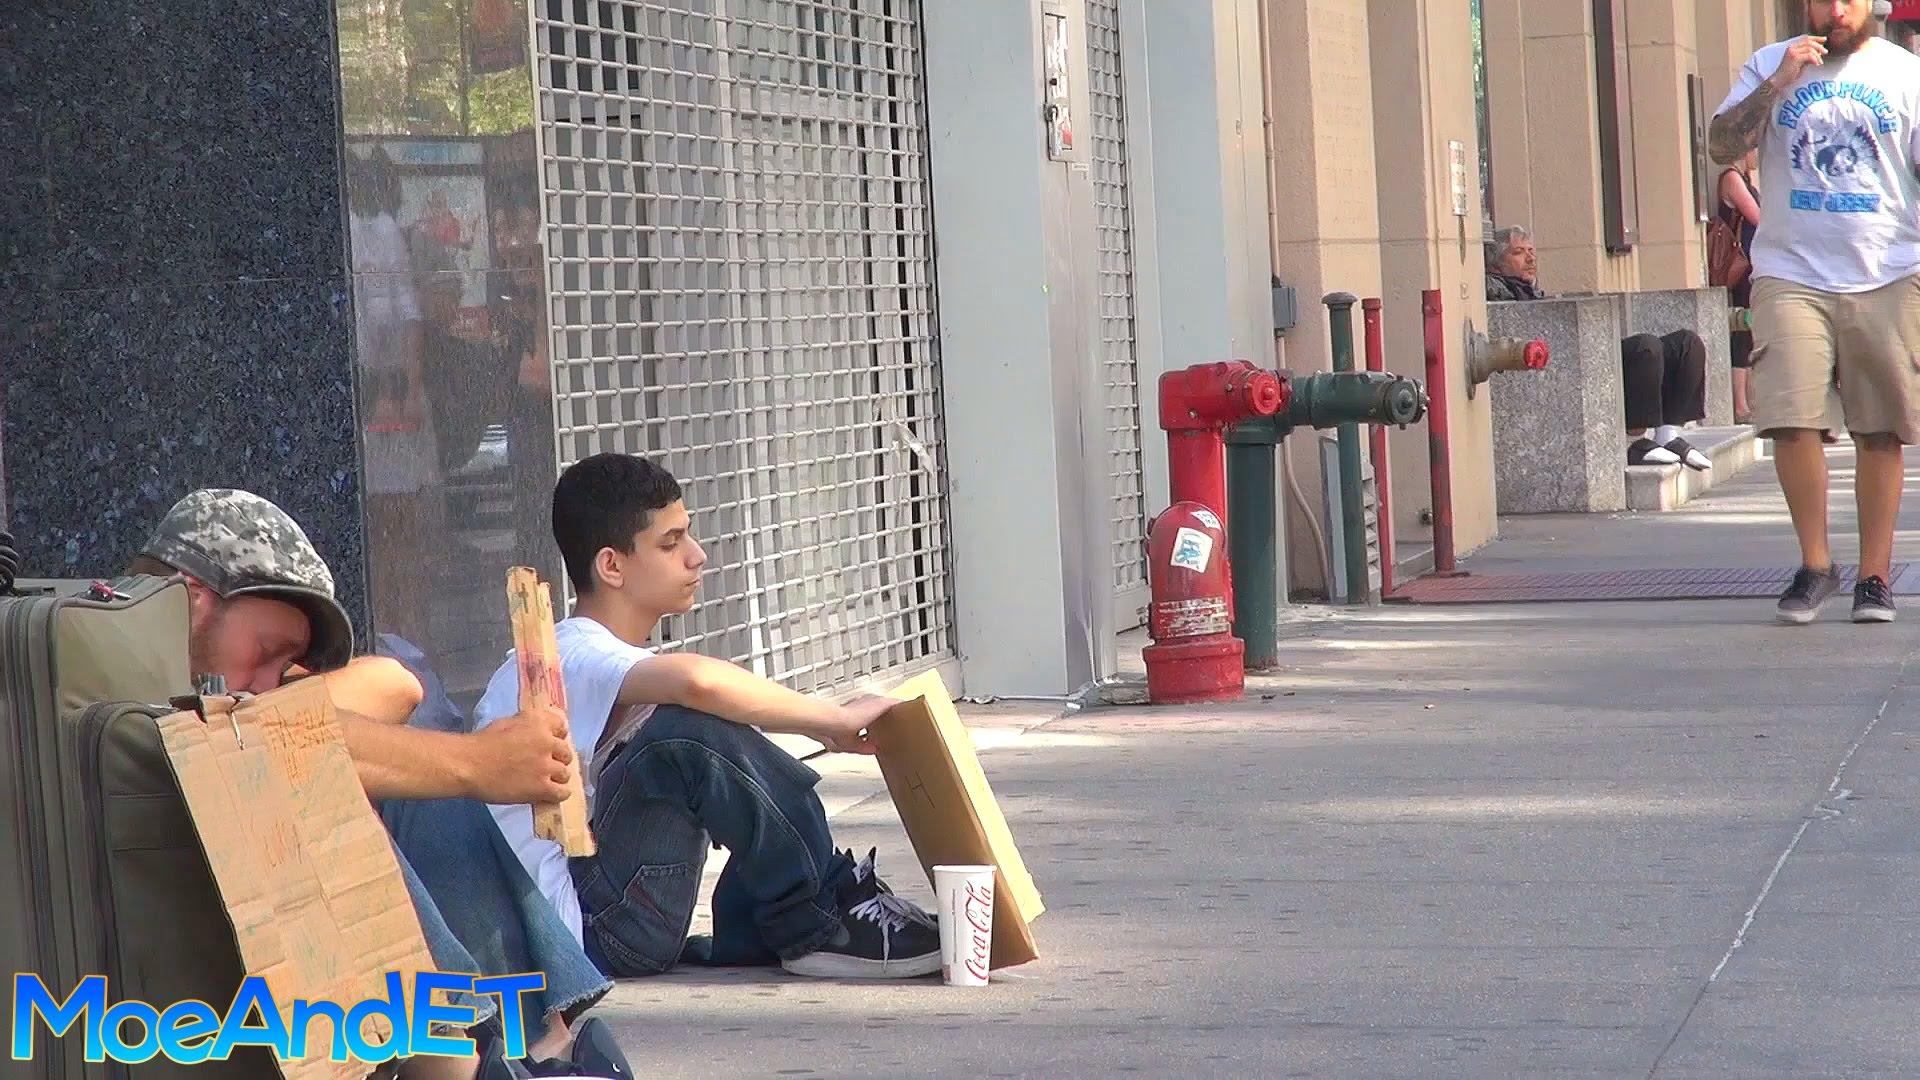 Social Experiment: Homeless Man vs Homeless Child